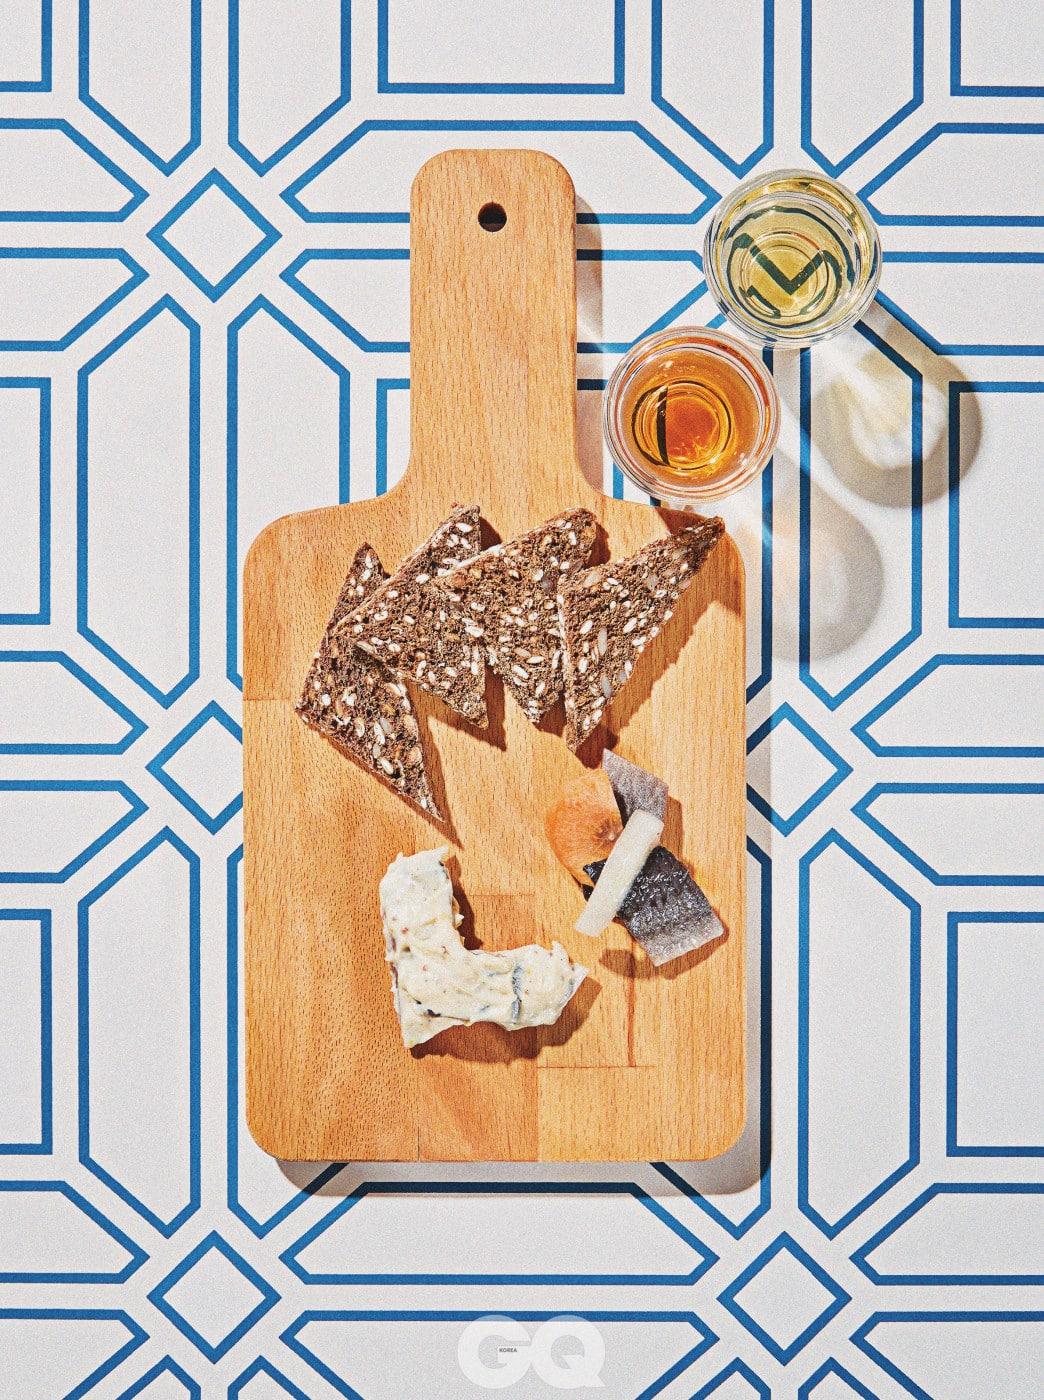 위부터 시계 반대 방향 | Dark Bread 4가지 잡곡과 2가지 허브가 들어간 빵. Löksill 기본 수르스트뢰밍에 양파를 얹은 것. Senapssill 수르스트뢰밍에 통겨자를 넣어 버무린 것. 조금 더 부드러운 맛으로 쉽게 즐길 수 있다.